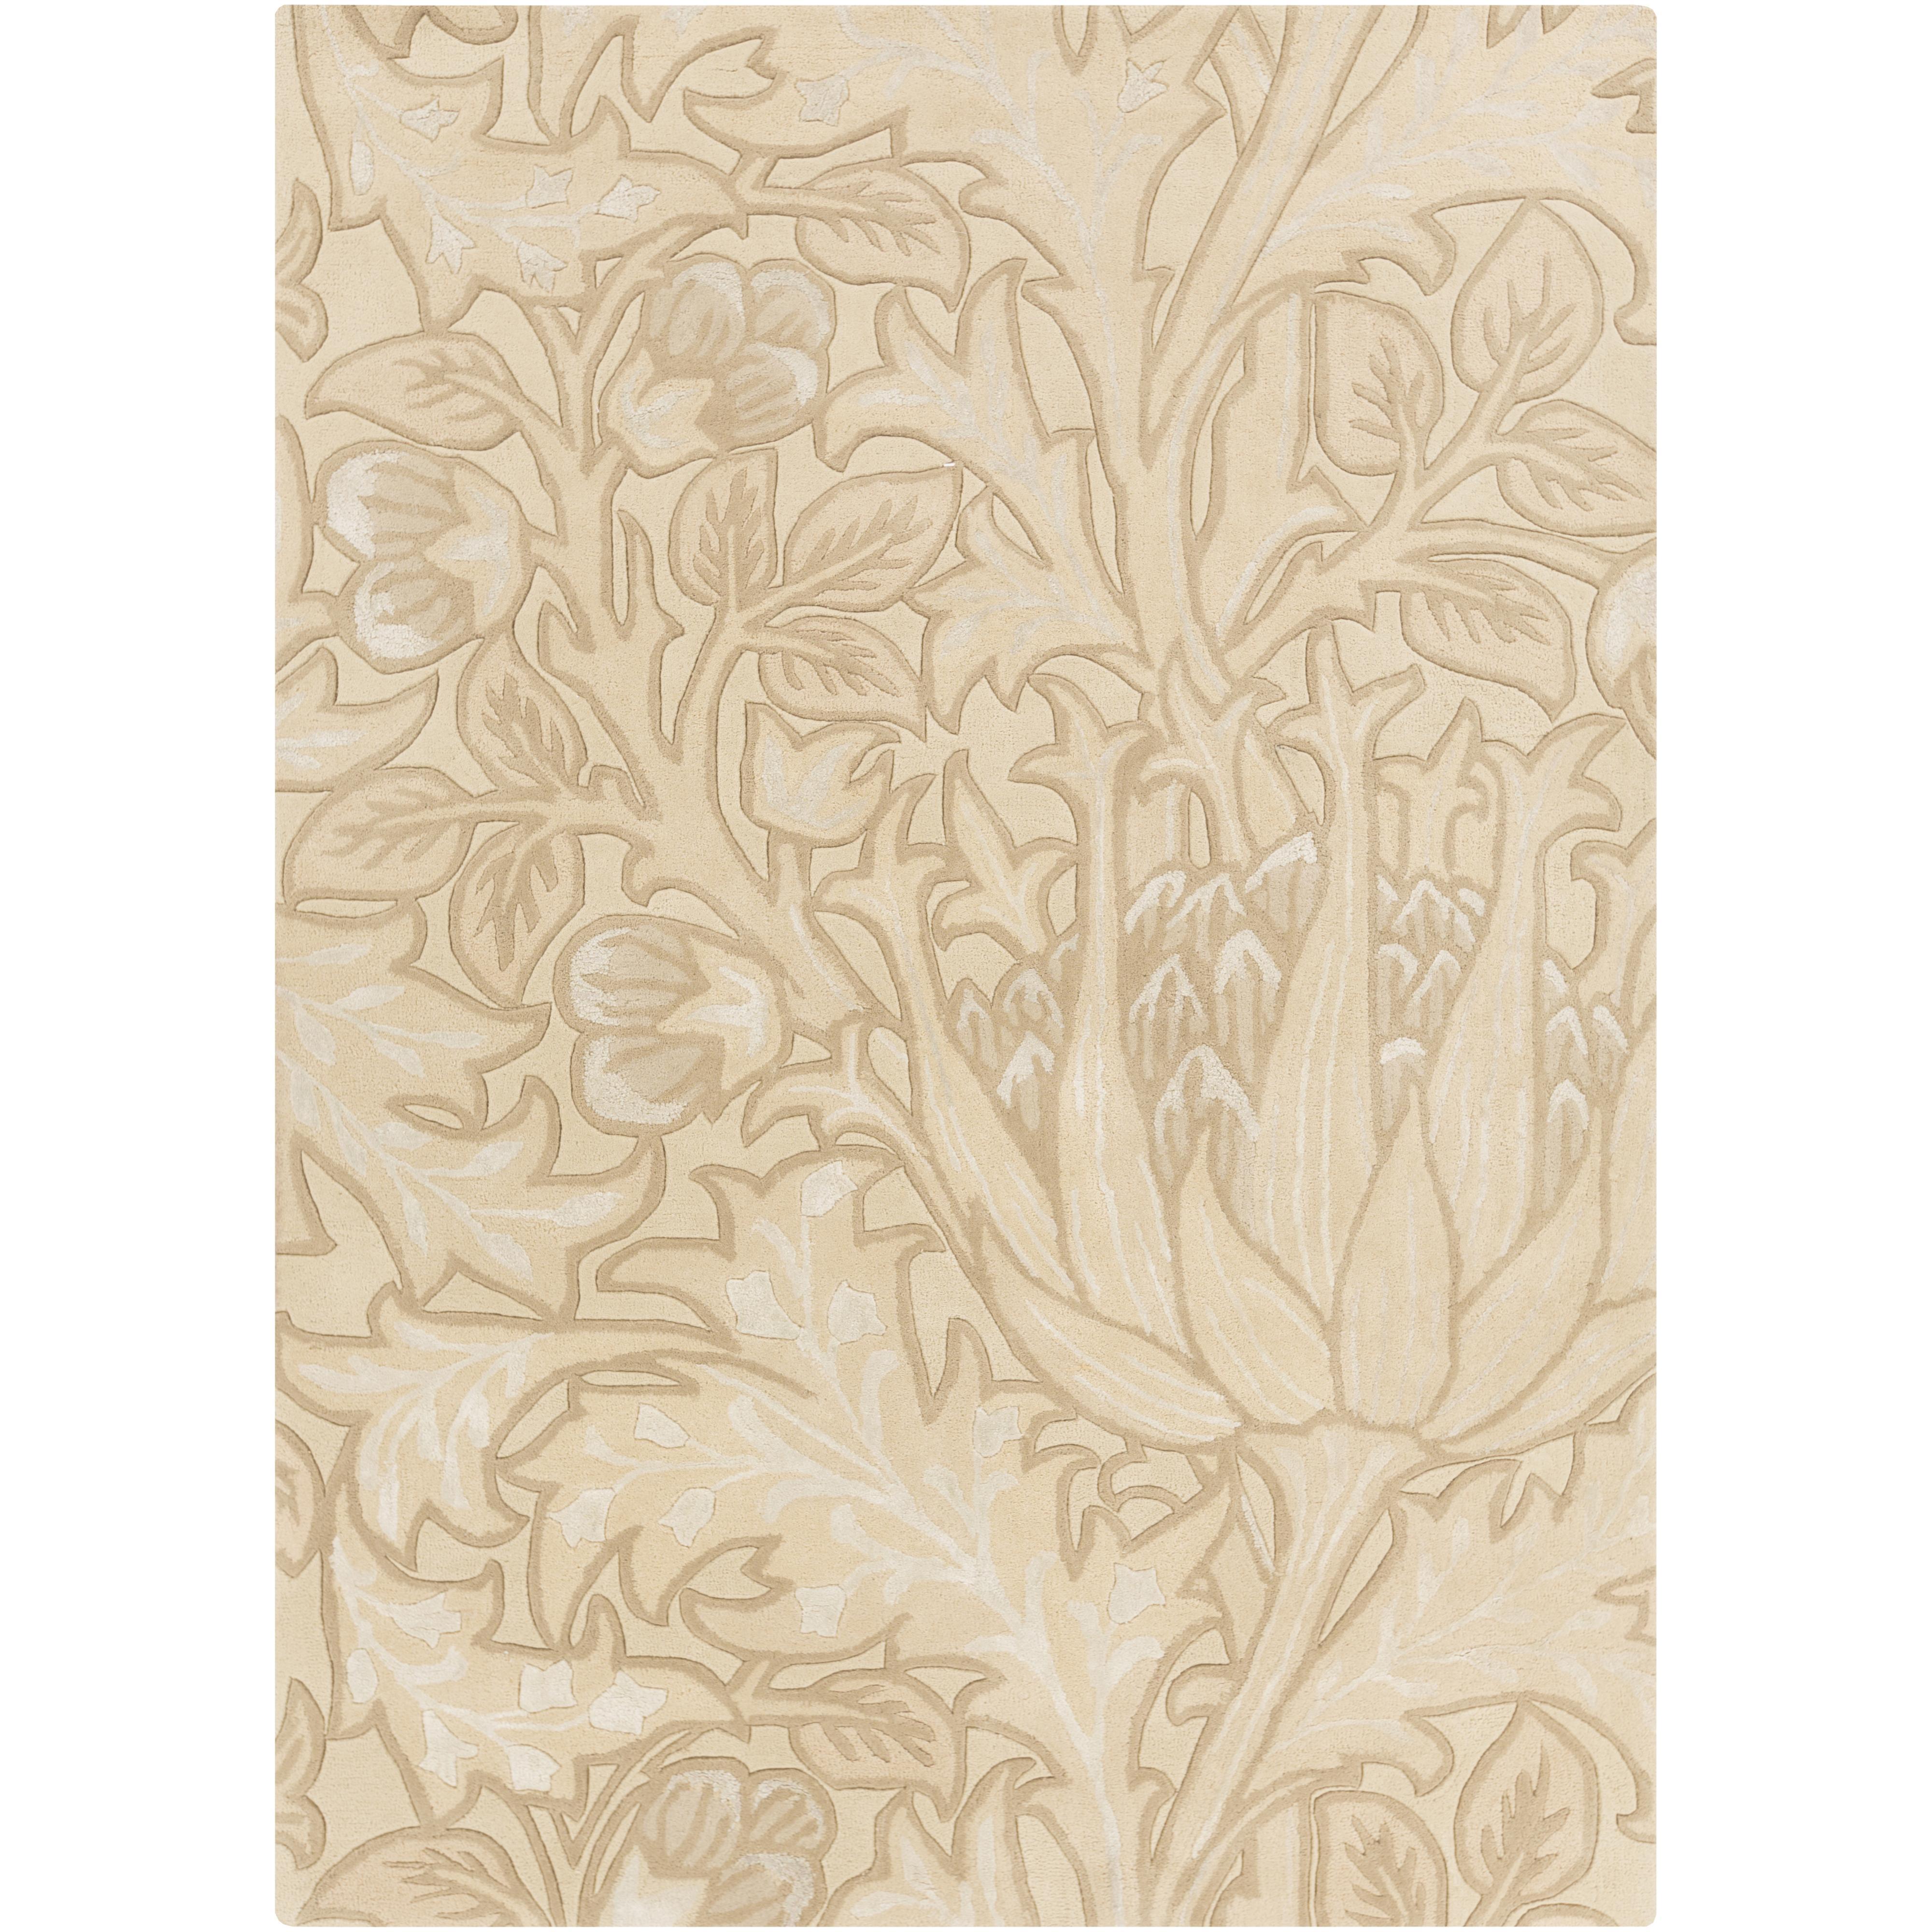 Surya Rugs William Morris 8' x 11' - Item Number: WLM3002-811